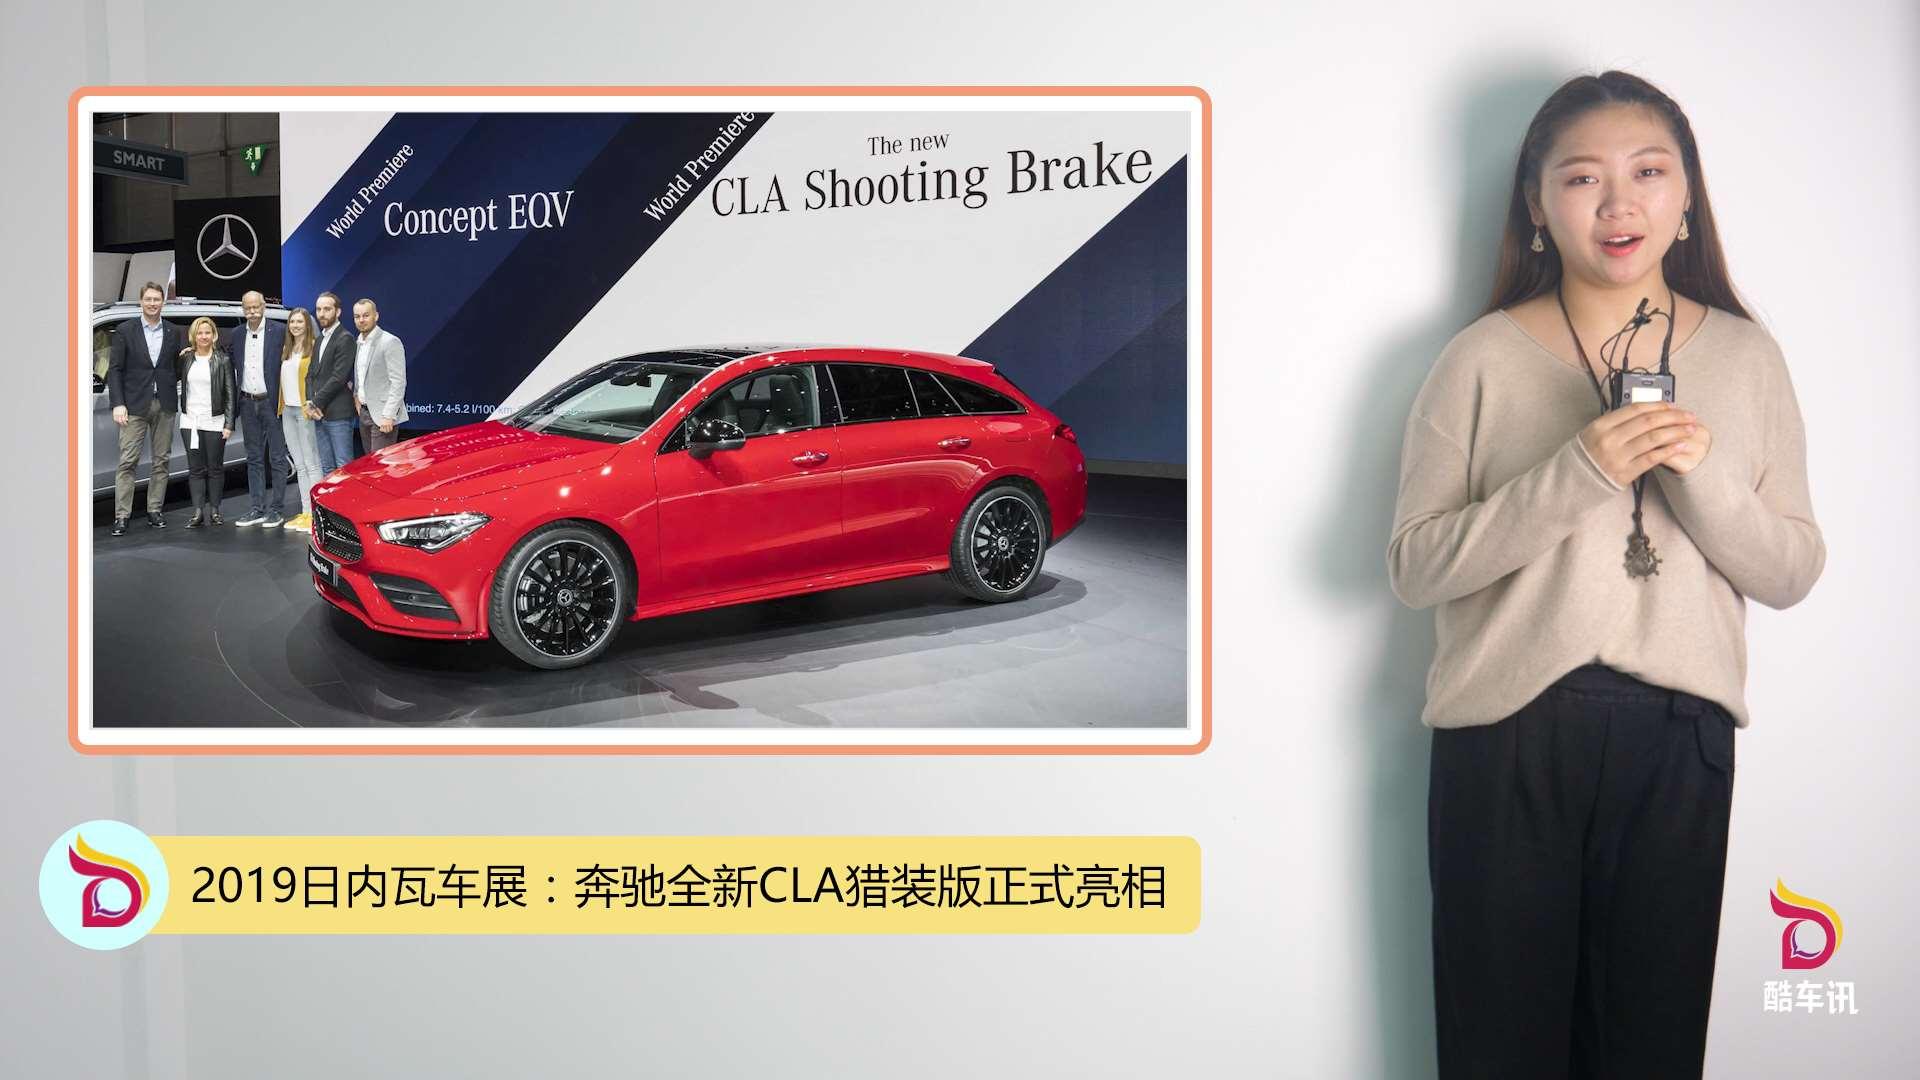 【视频】27.69万元起售 2019款沃尔沃S60L将于7月27日正式上_易车视频